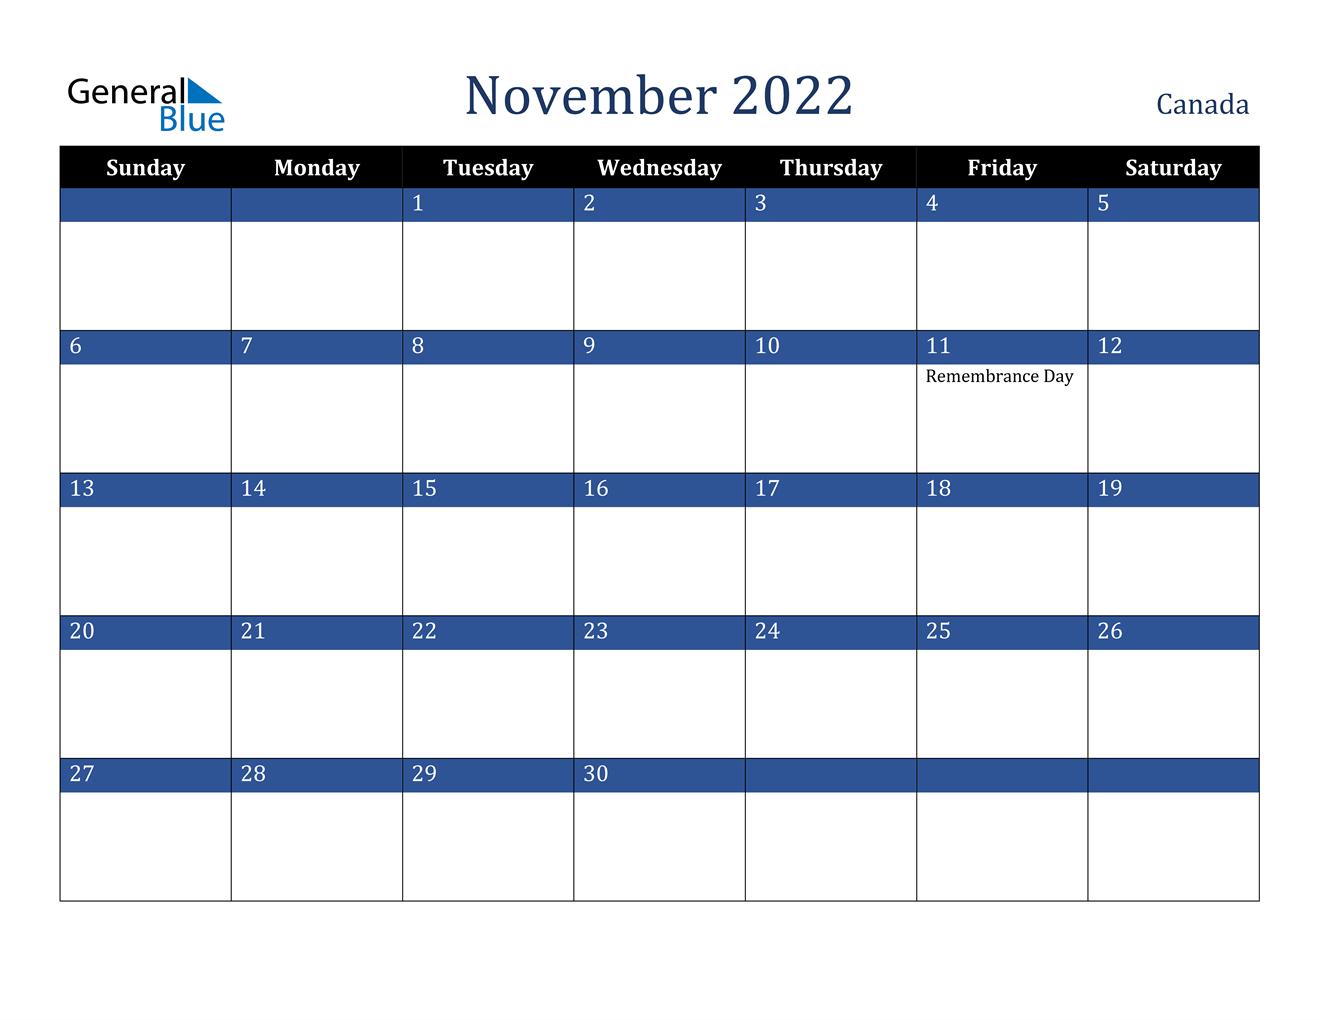 November 2022 Calendar - Canada